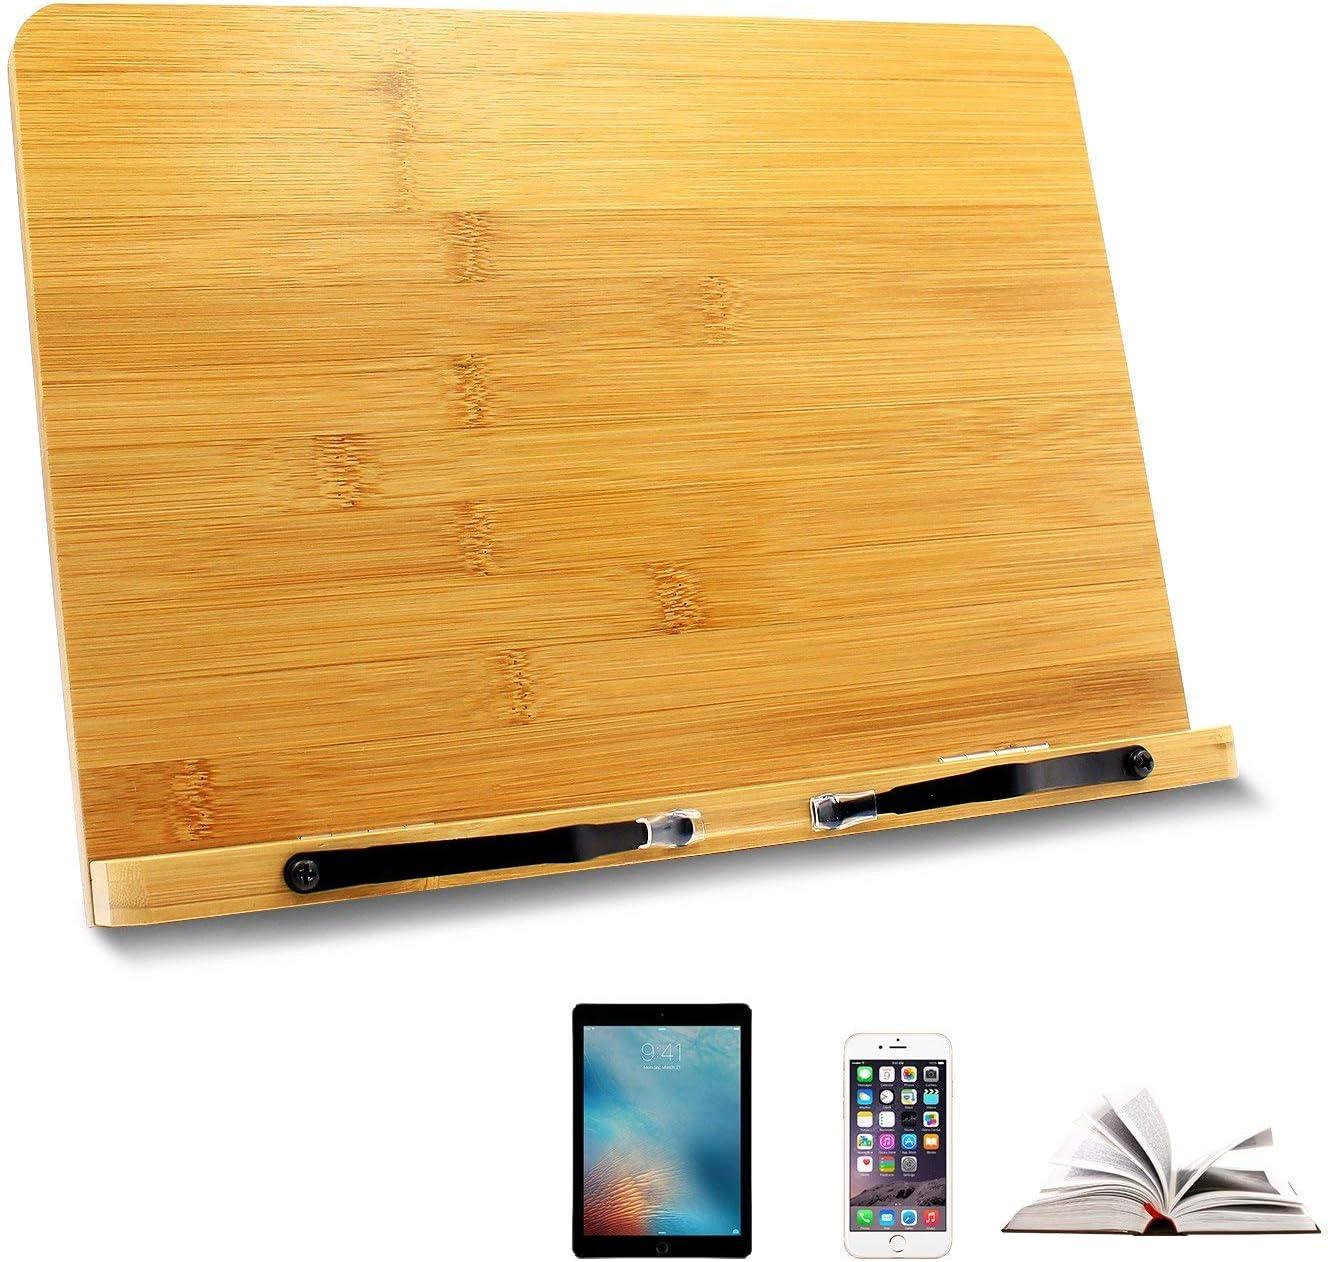 Ulable soporte para libro,soporte de libro para lectura, atril de ...